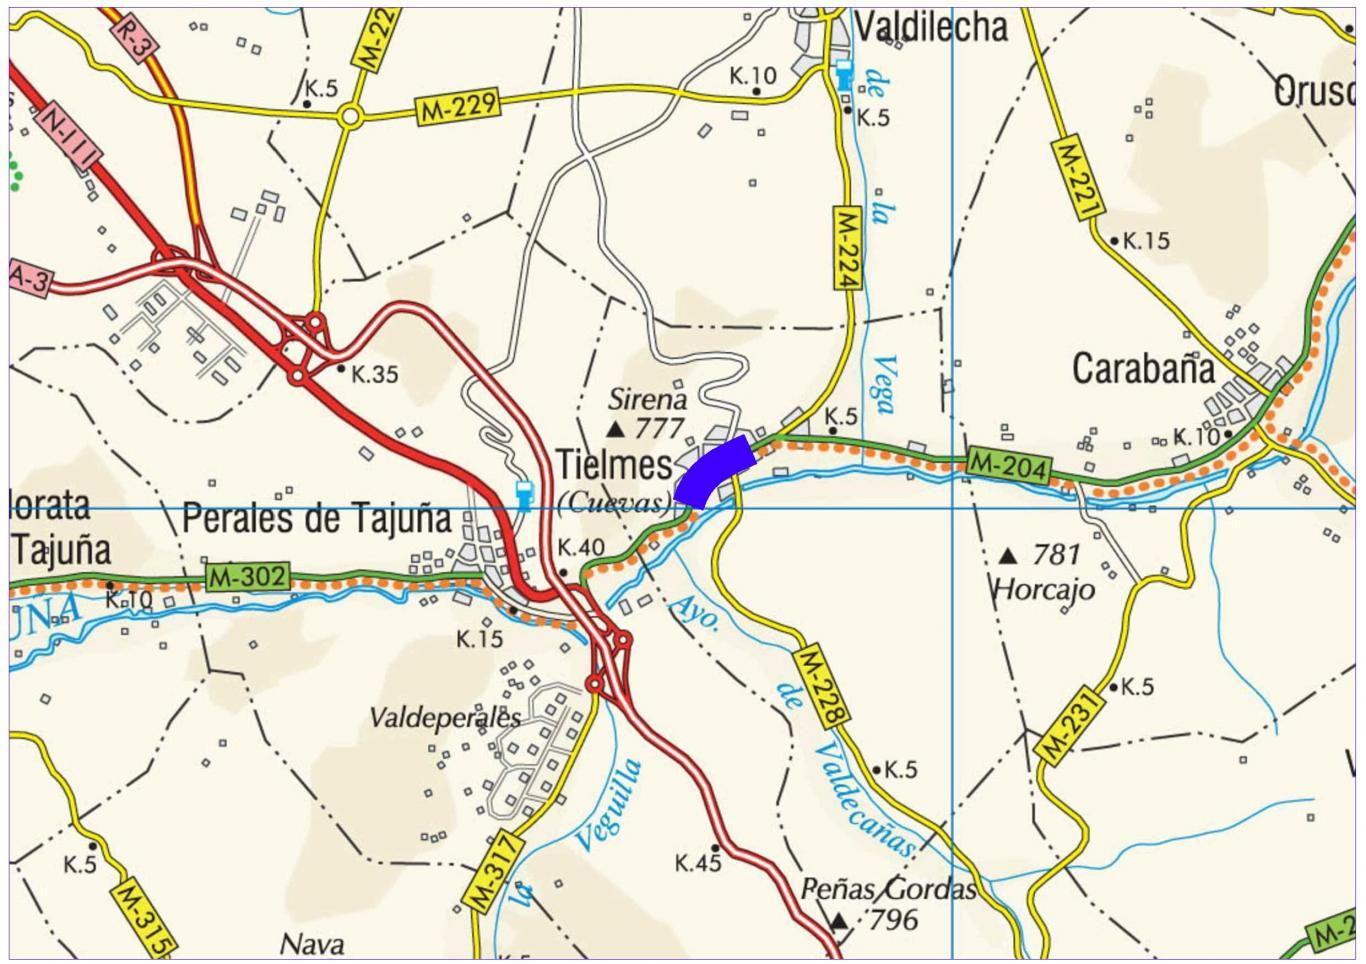 Plano de situación de la obra M-204 pk 2,000-3,500